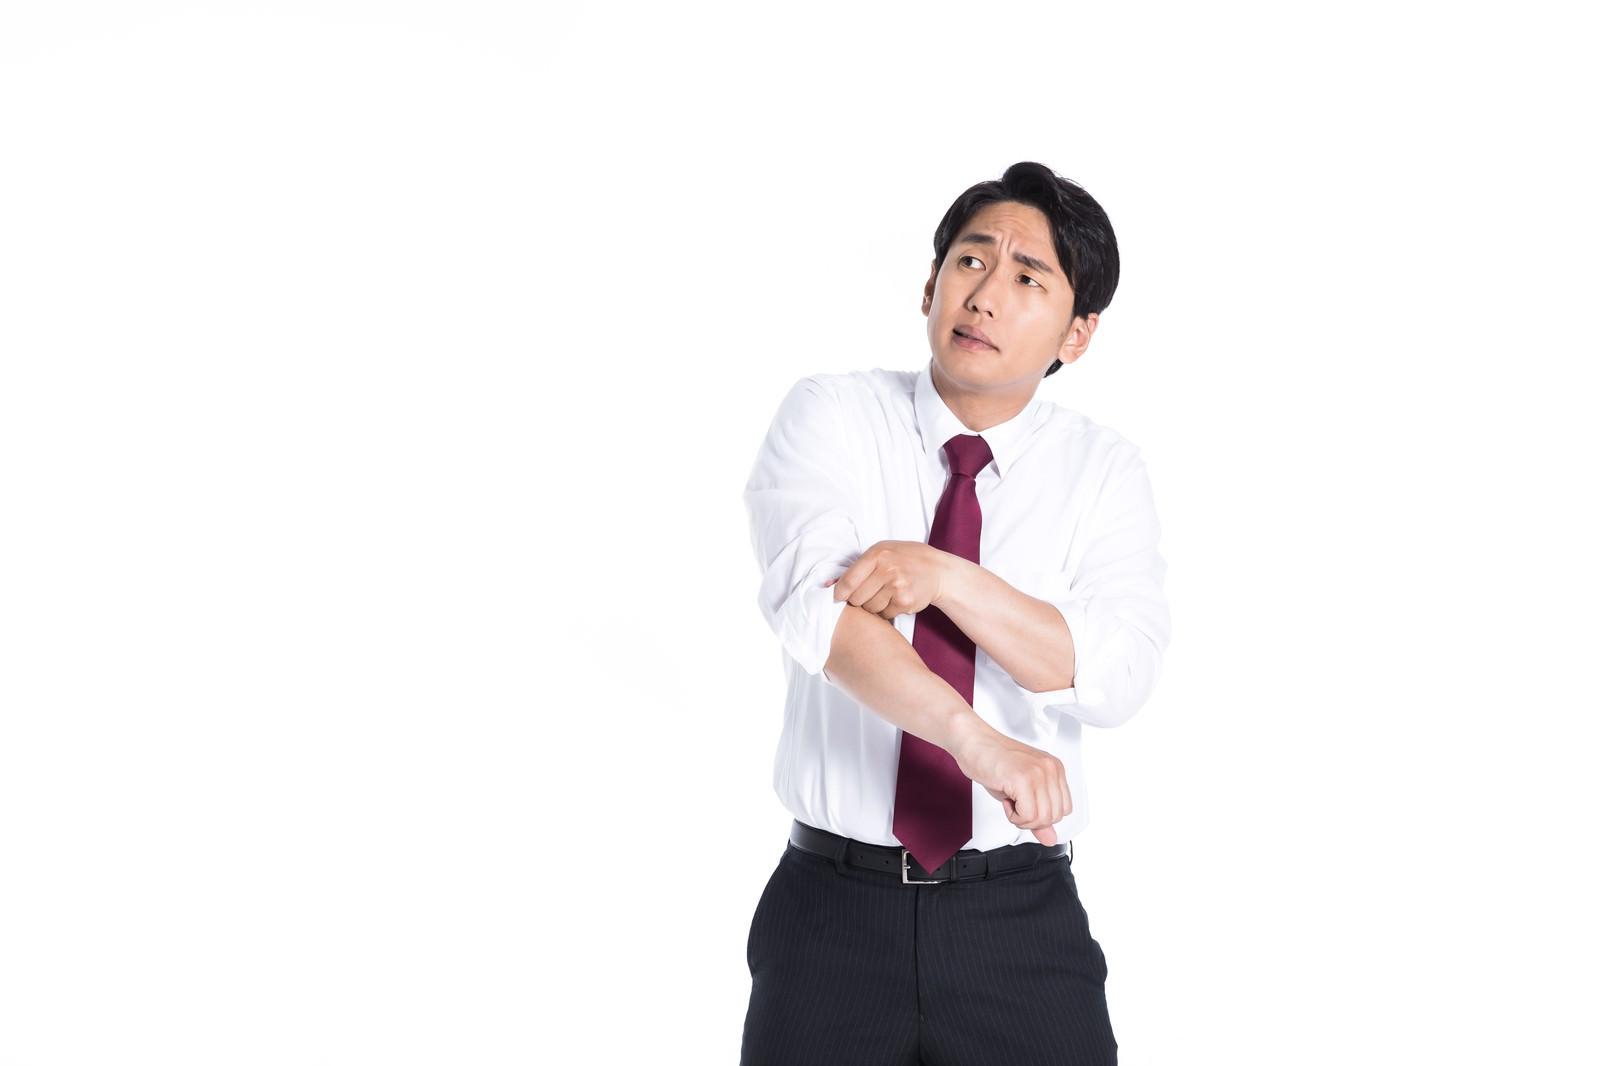 「いっちょ本気だしますか! 腕まくりする会社員」の写真[モデル:大川竜弥]